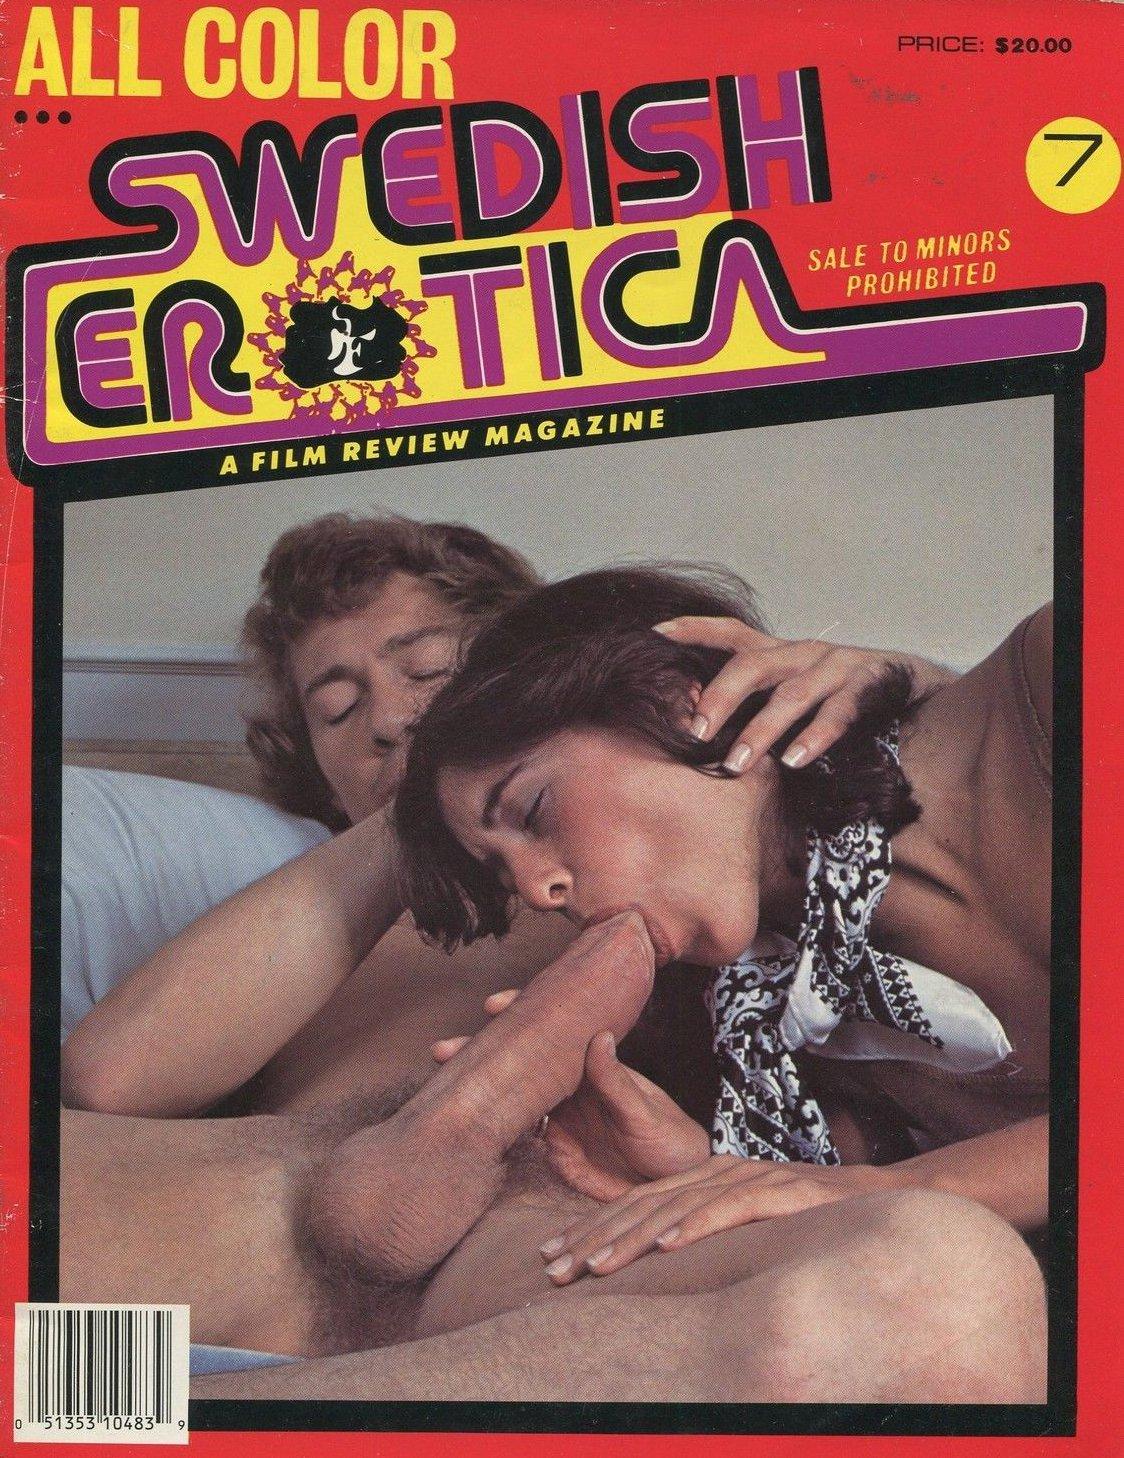 Swedish Erotica 7 Magazine Back Issue Swedish Erotica Magizine Back Copy